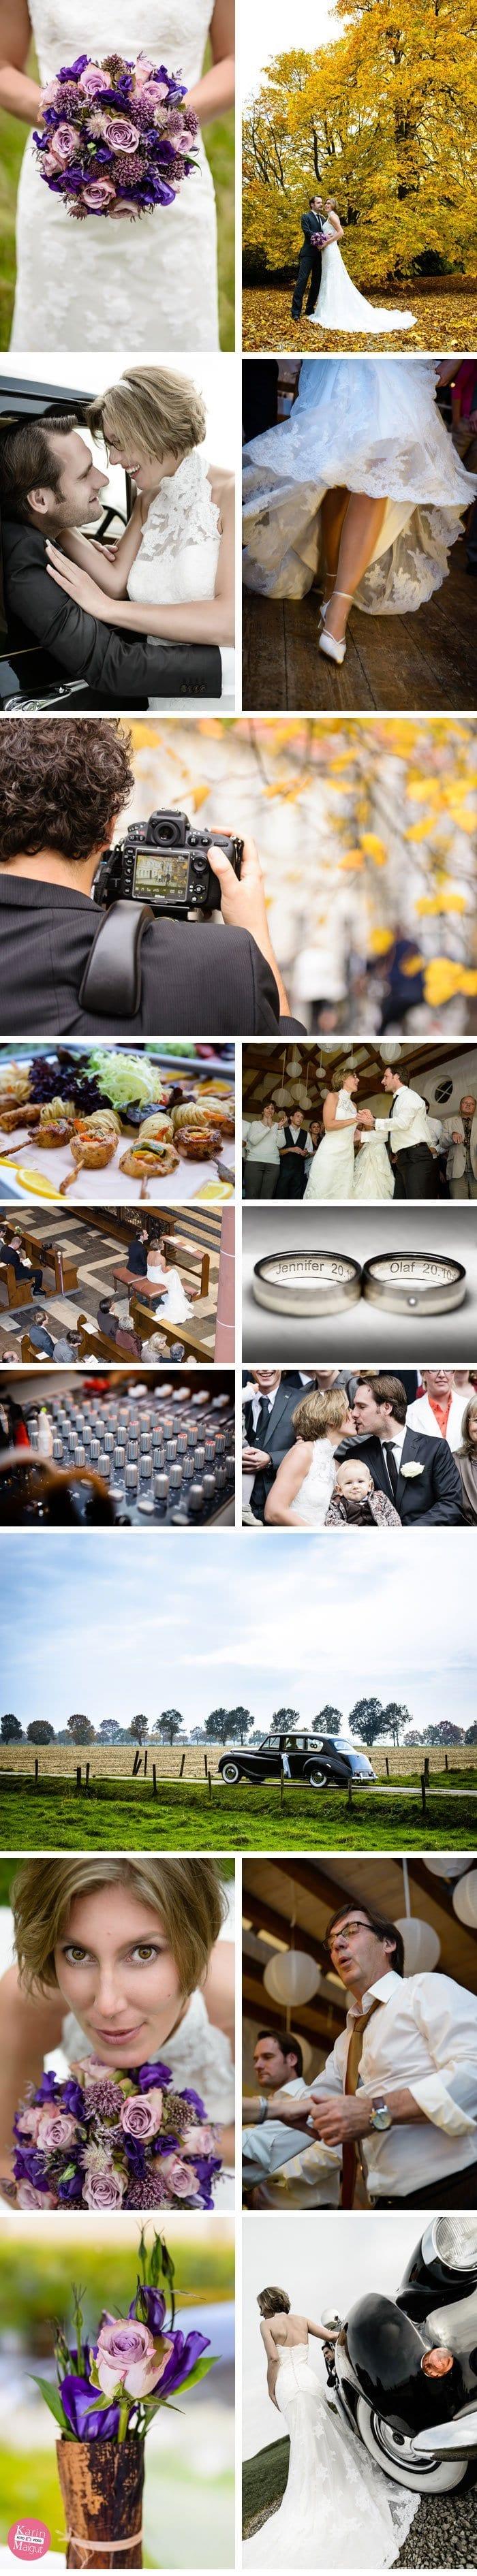 Hochzeitsvideo und Hochzeitsfotografie aus einer Hand